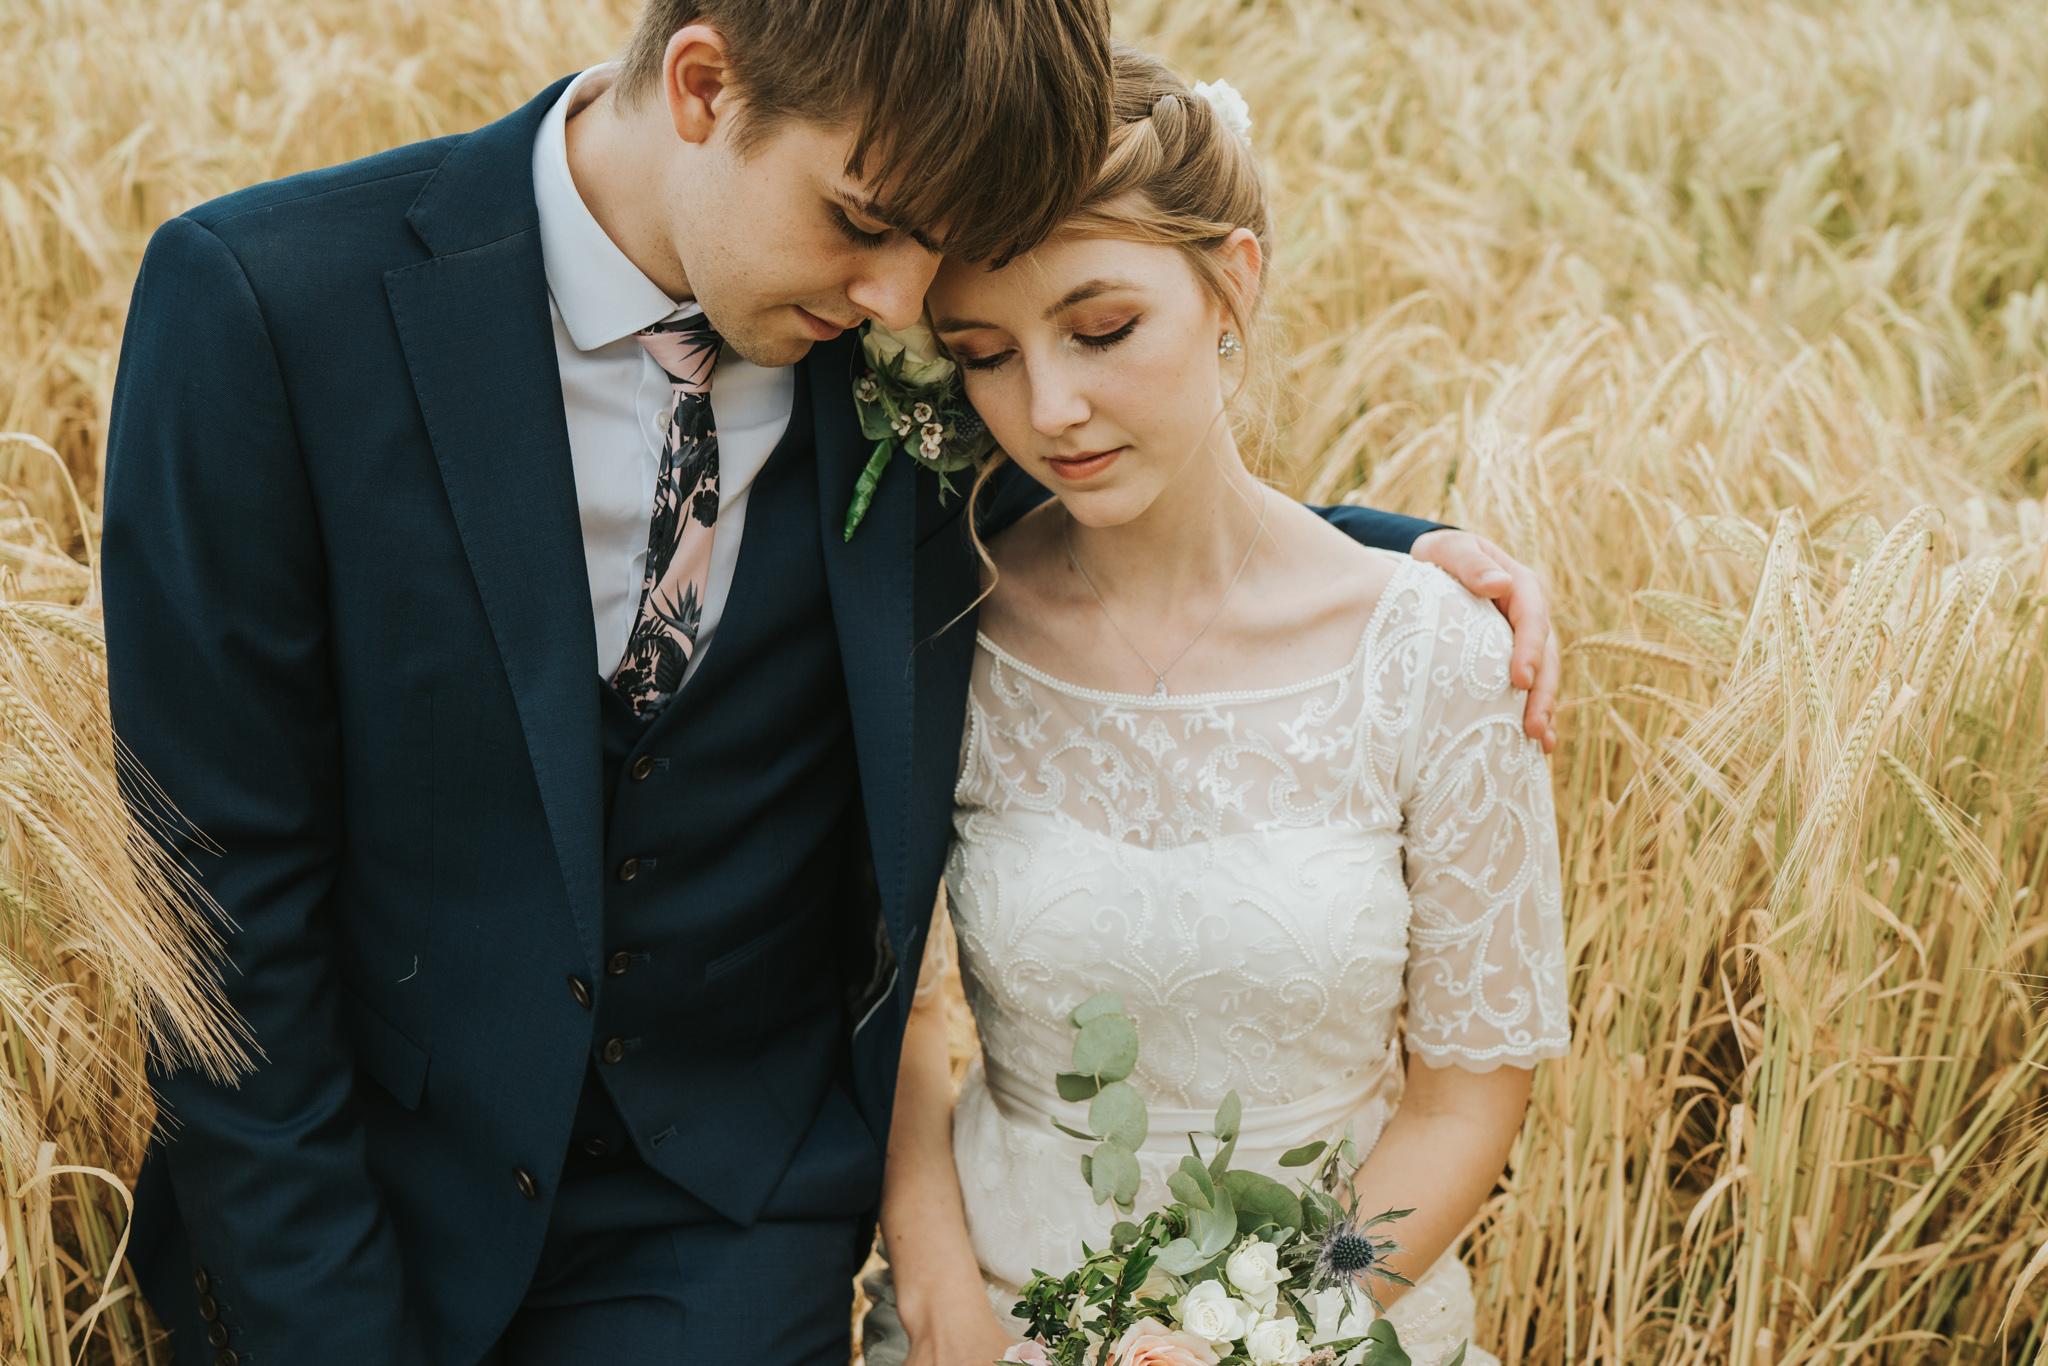 grace-elizabeth-essex-wedding-photographer-best-2018-highlights-norfolk-essex-devon-suffolk (37 of 100).jpg